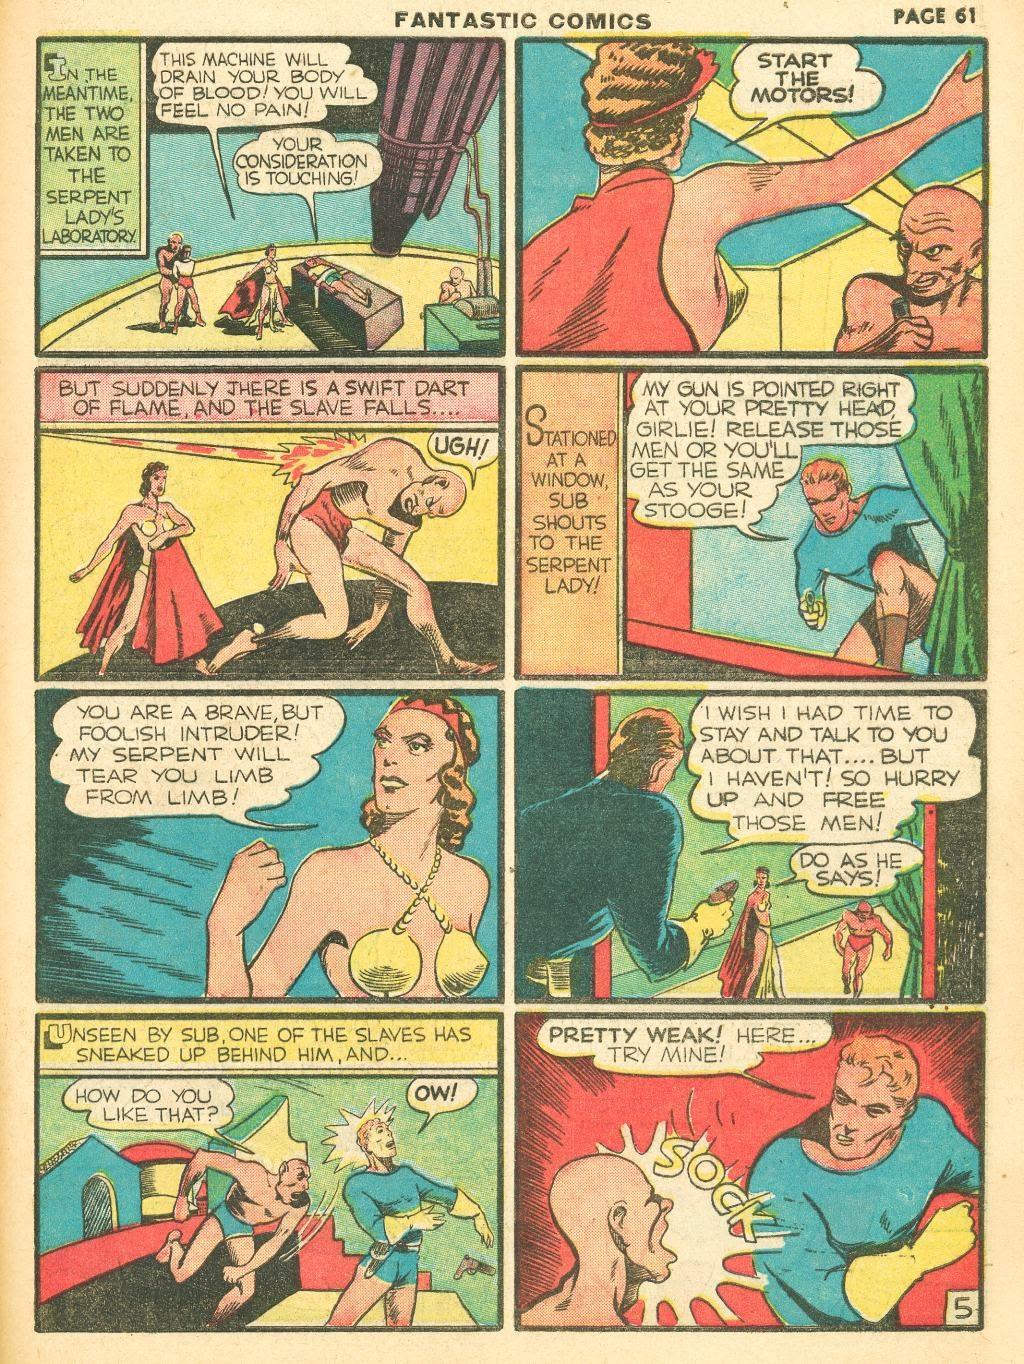 Read online Fantastic Comics comic -  Issue #12 - 63